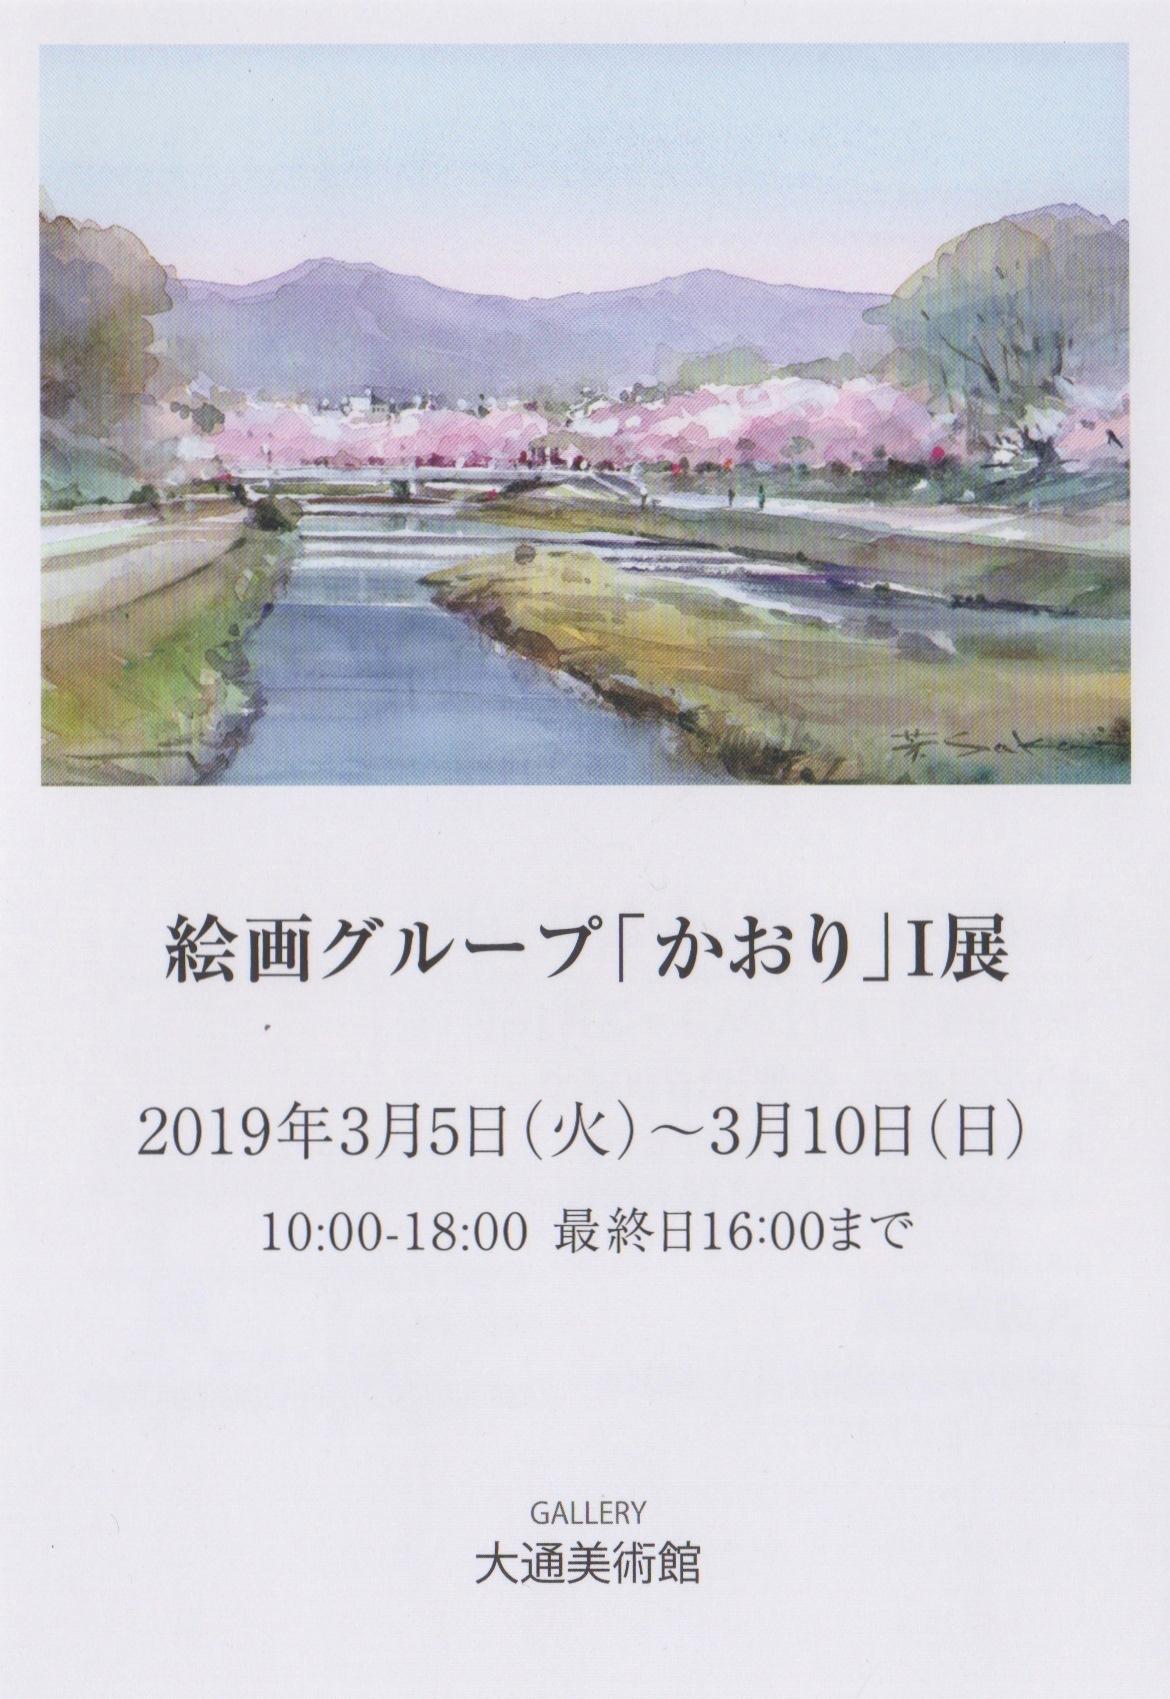 2019年03月5日作品展